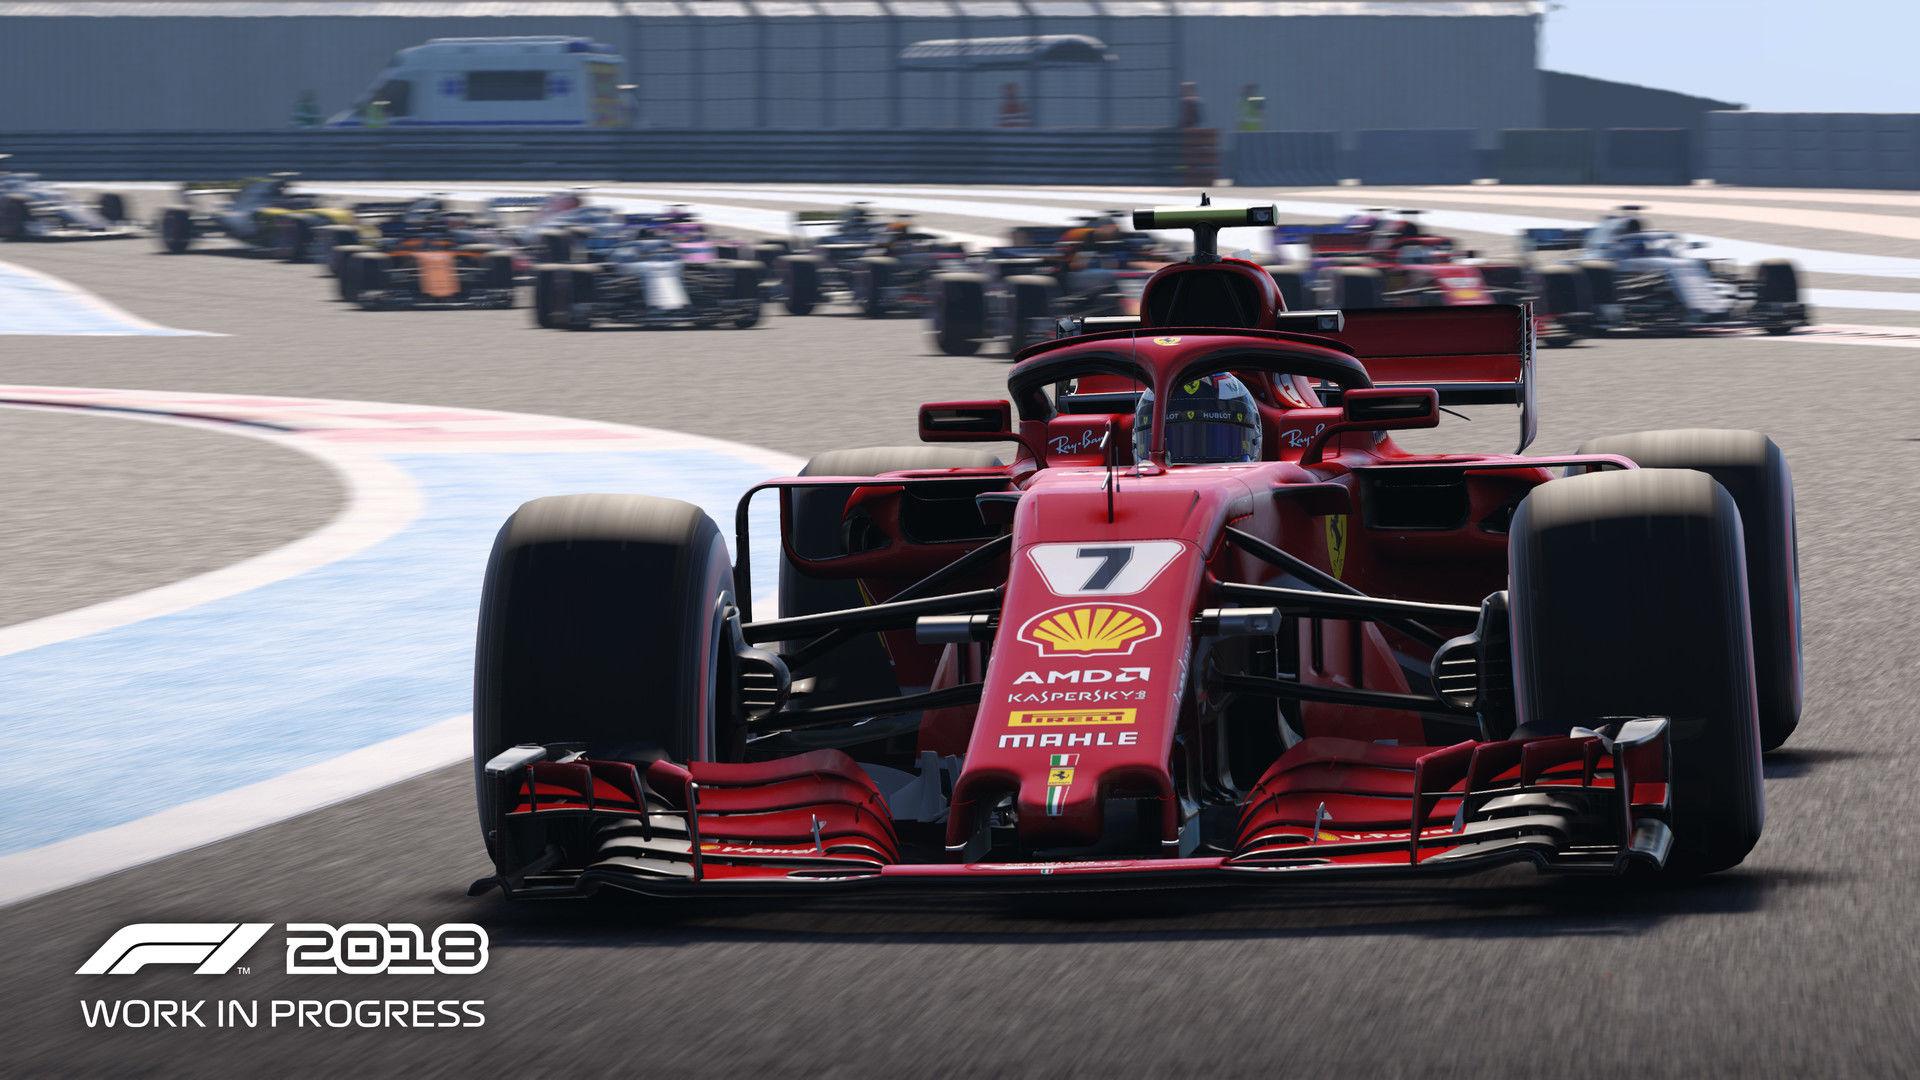 F1 2018 - PC